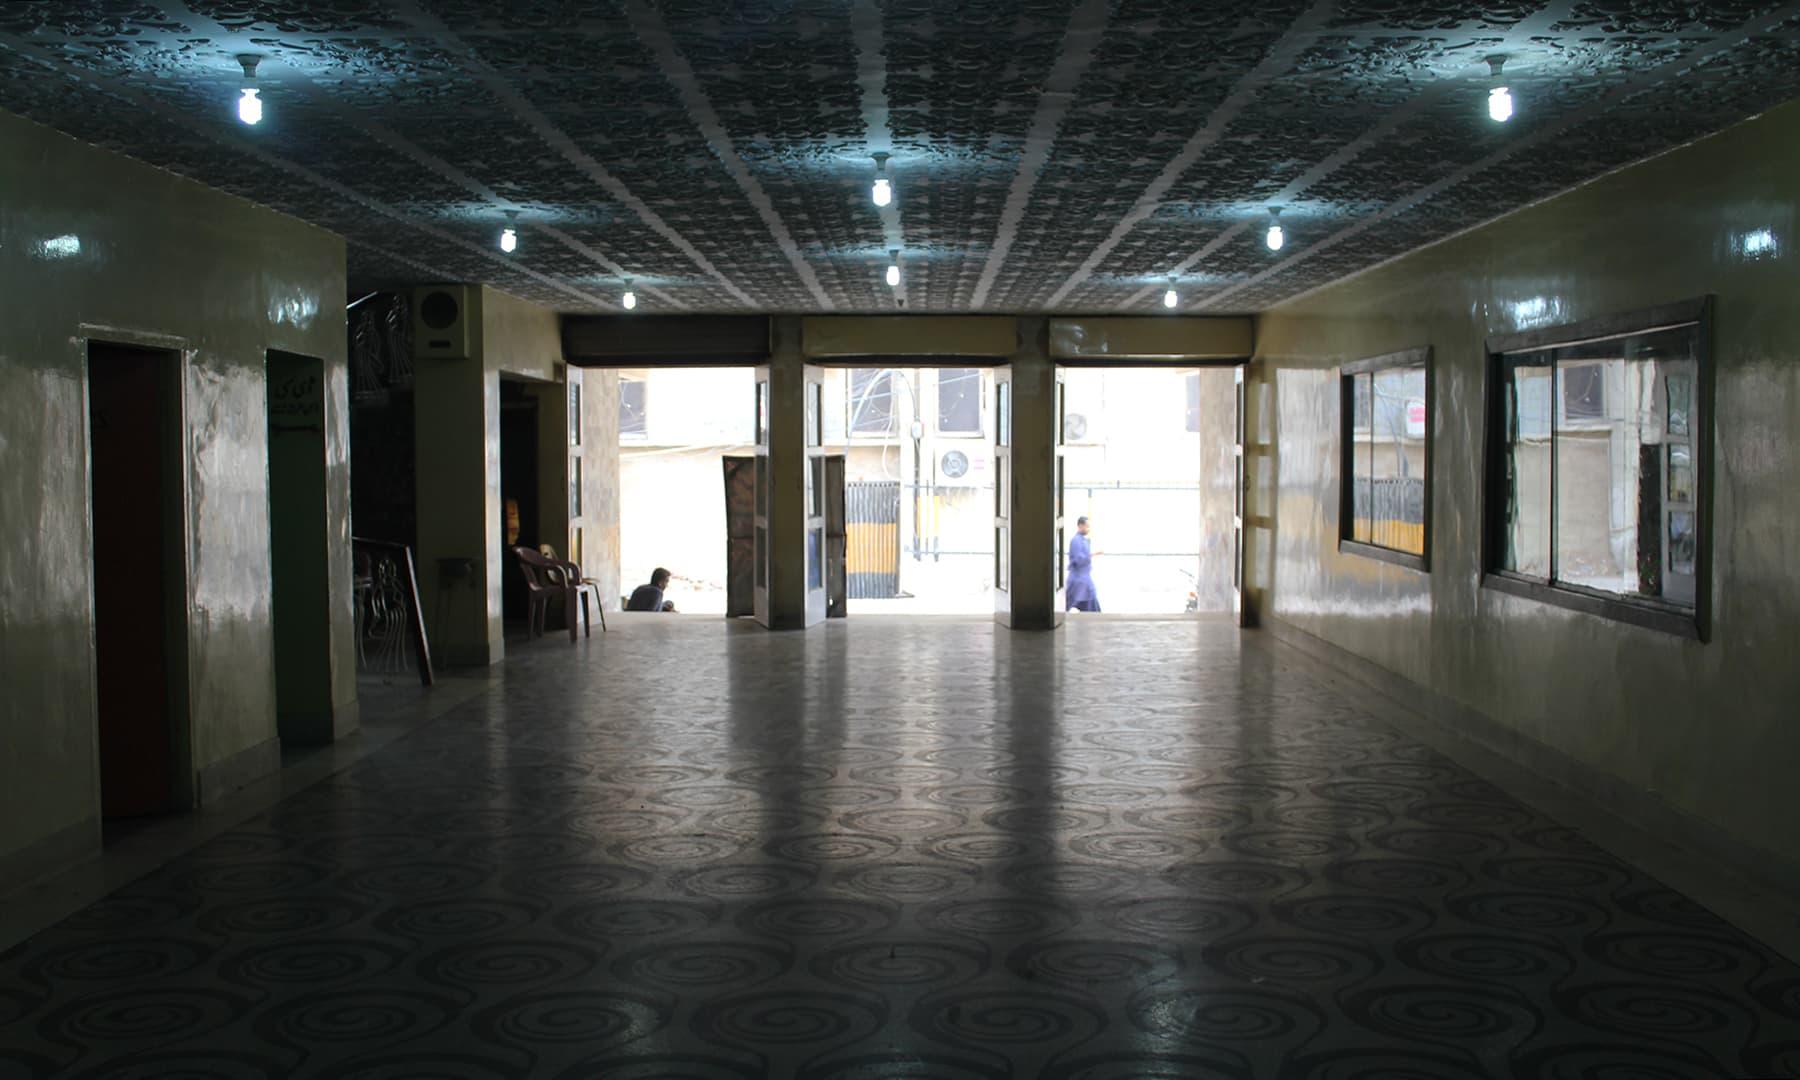 کسی زمانے میں یہاں اتنا رش ہوا کرتا تھا کہ ہم سنیما کے دروازے تک بند کرکے بیٹھا کرتے تھے—تصویر اختر حفیظ